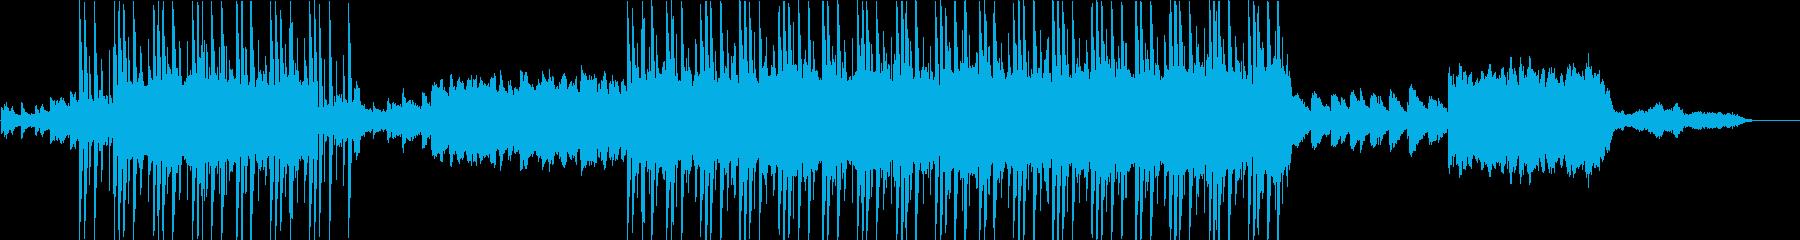 エンディングを迎える感動的なバラードの再生済みの波形